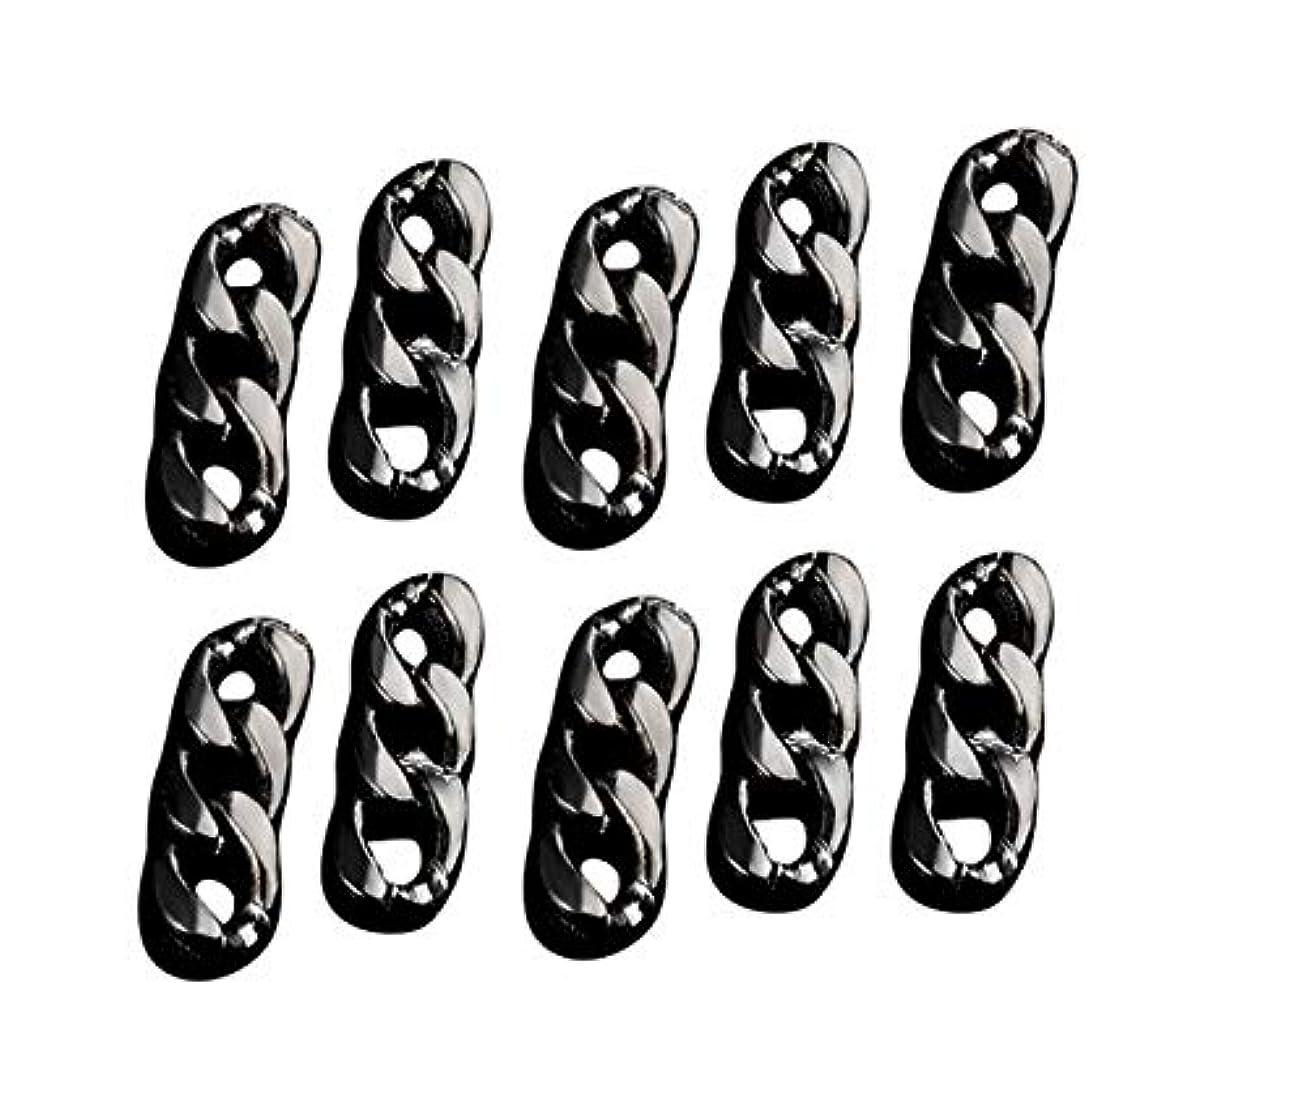 パースブラックボロウ副ガイドラインTianmey ネイルメタルチェーン、ゴールドとシルバーチェーンネイル装飾チェーンネイルメタルデコレーションネイル3Dネイルアート (Color : Black)